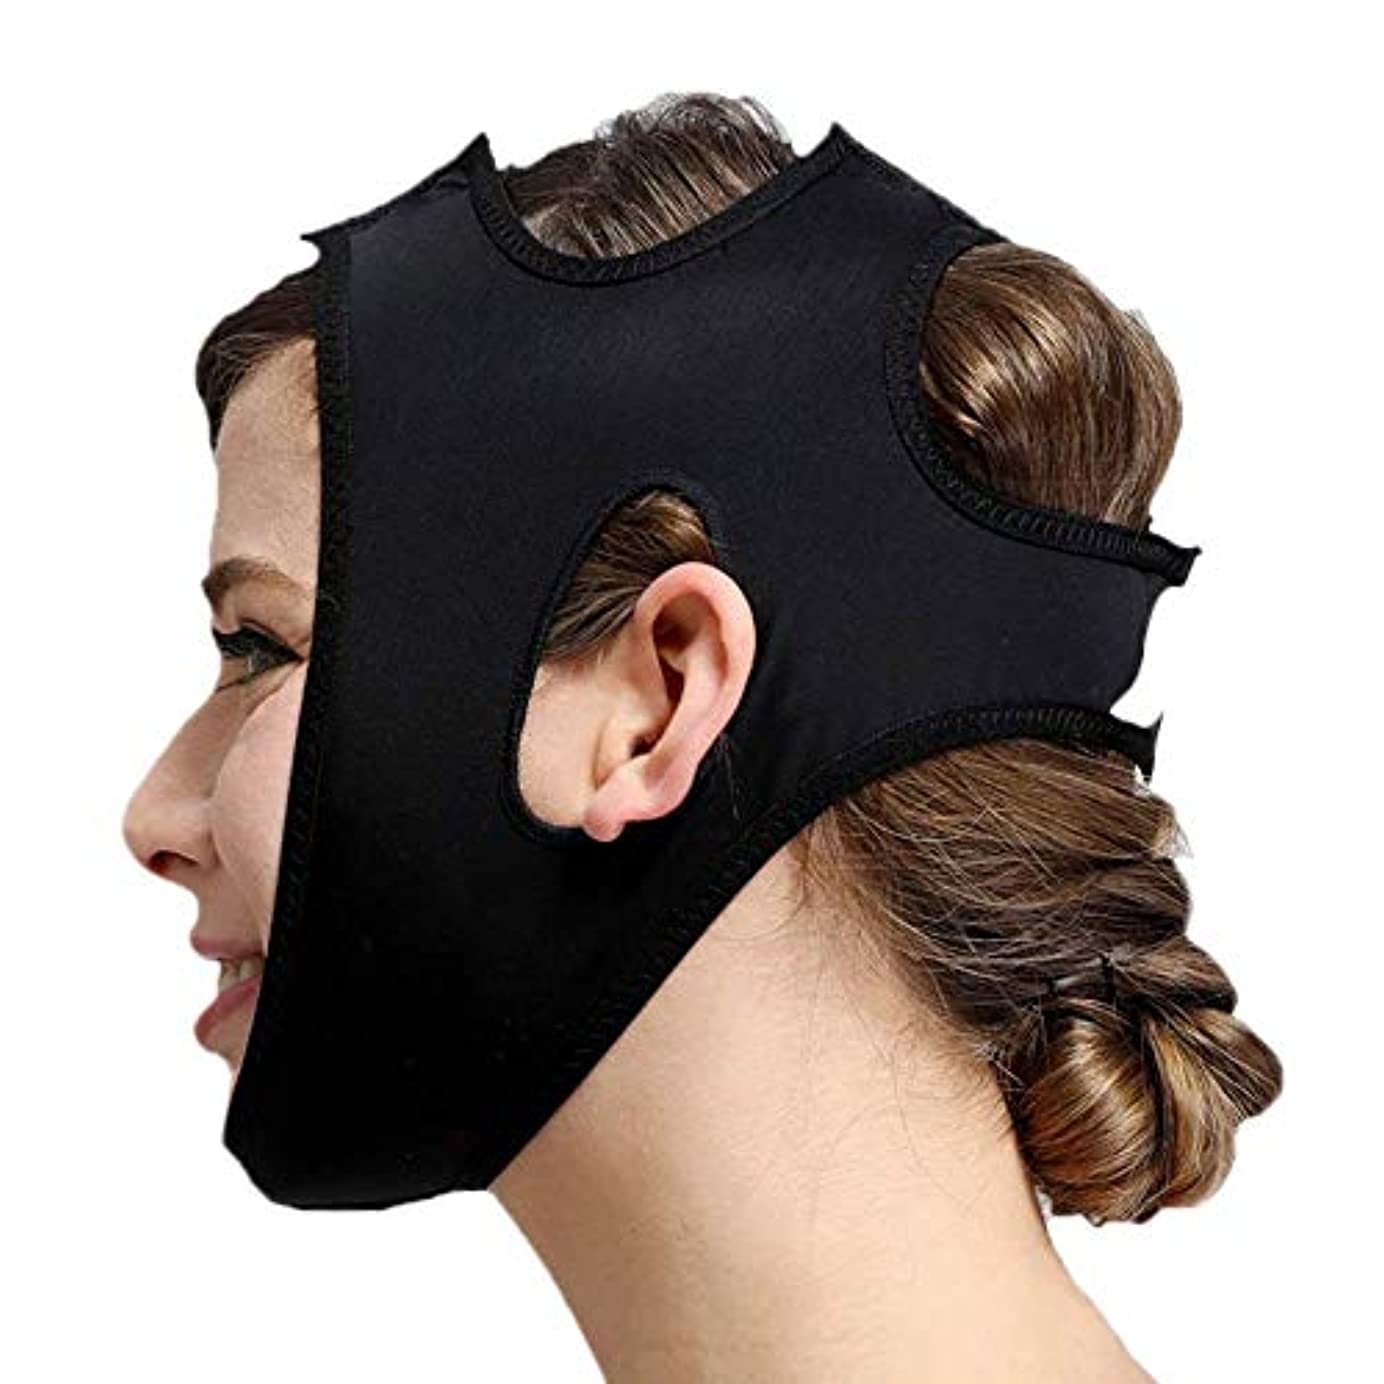 グリーンバック平らな辛なフェイススリミングマスク、快適さと通気性、フェイシャルリフティング、輪郭の改善された硬さ、ファーミングとリフティングフェイス(カラー:ブラック、サイズ:XL),黒、XXL